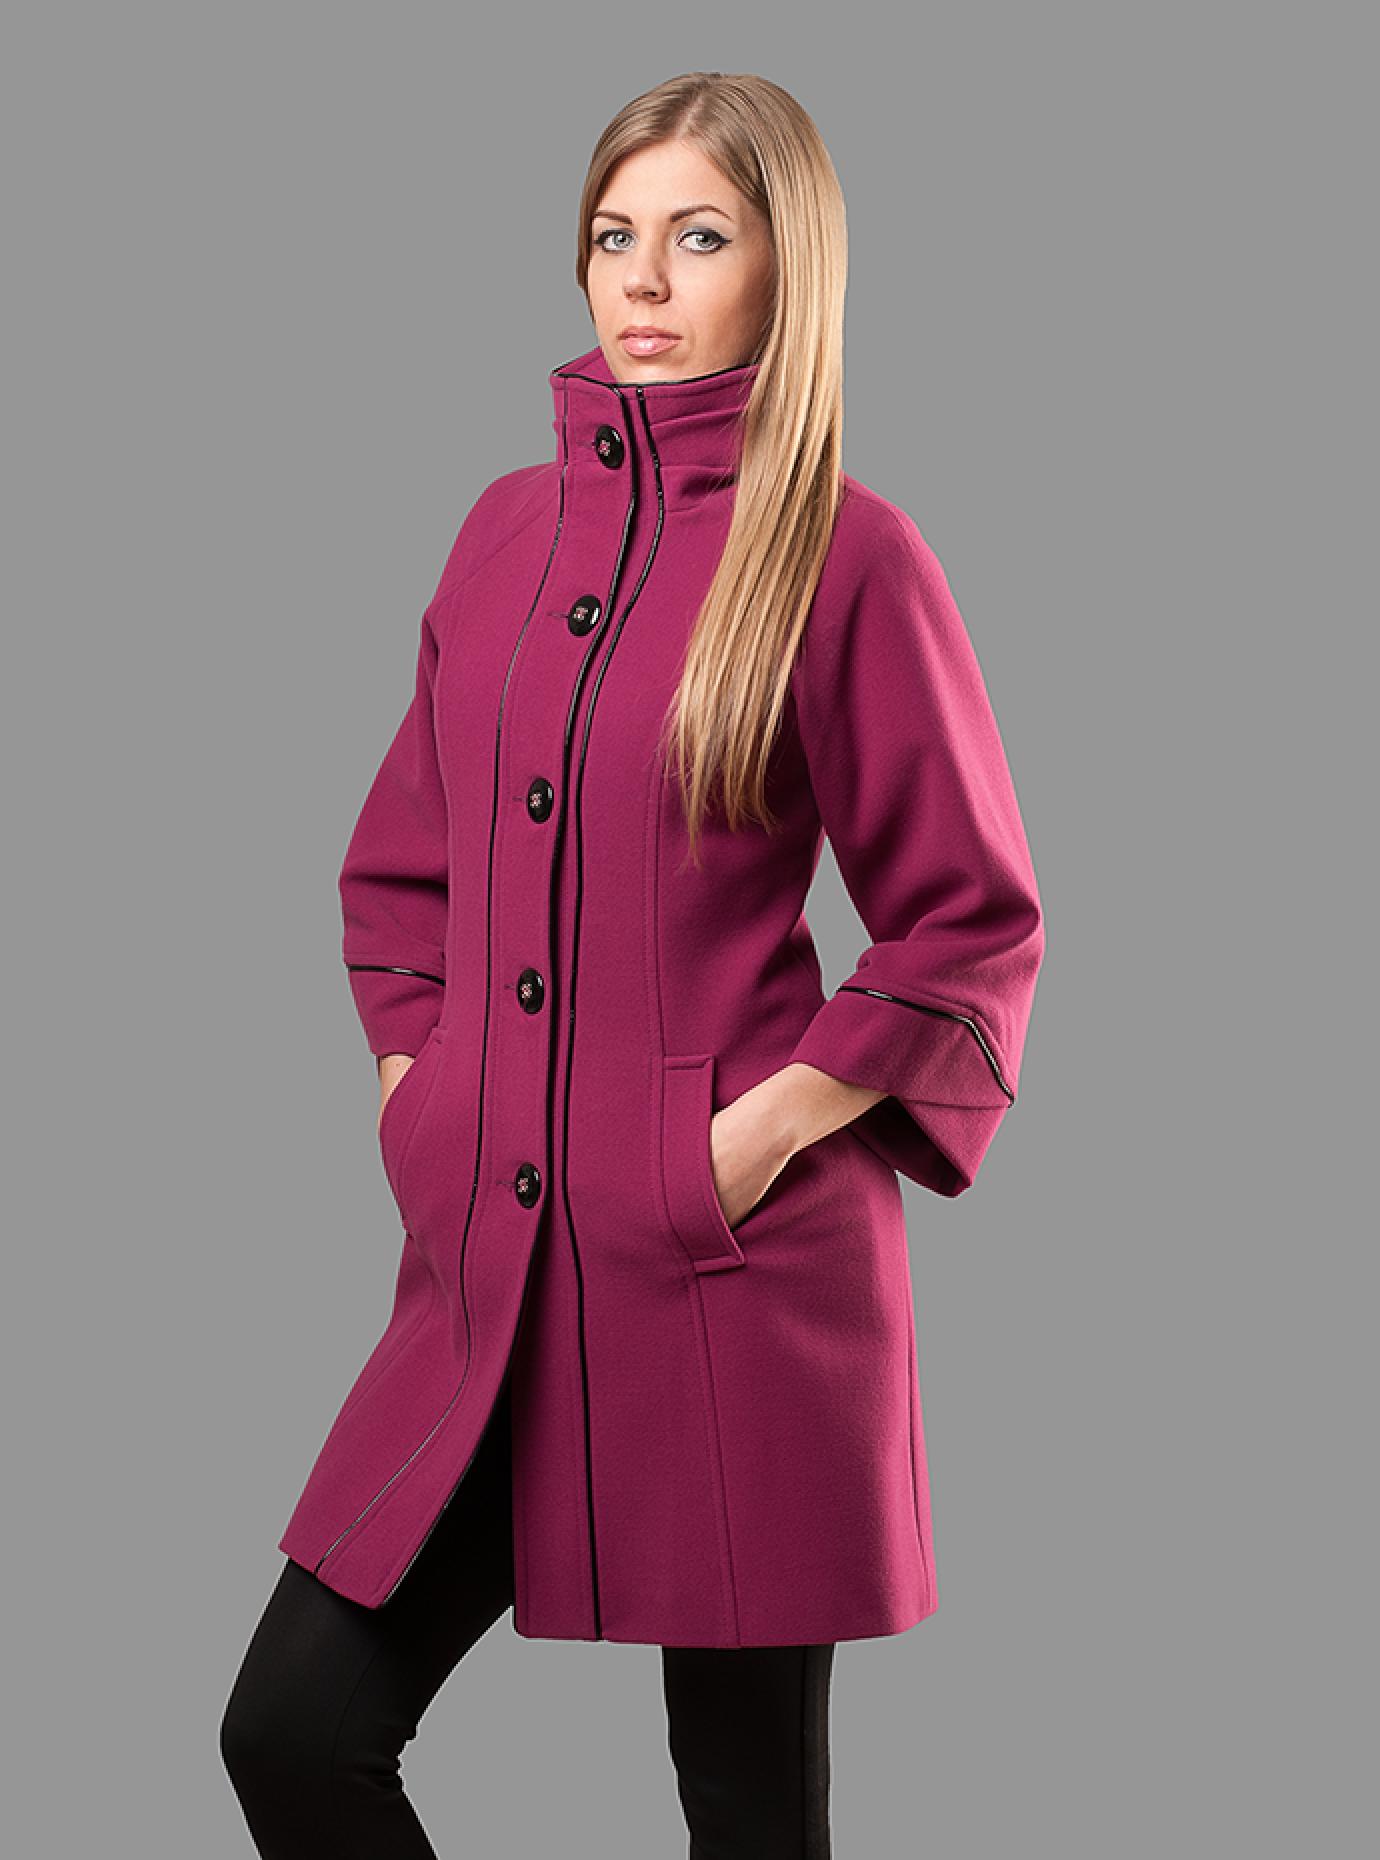 Пальто женское высокий воротник Чёрный S (05-ZZ19112): фото - Alster.ua